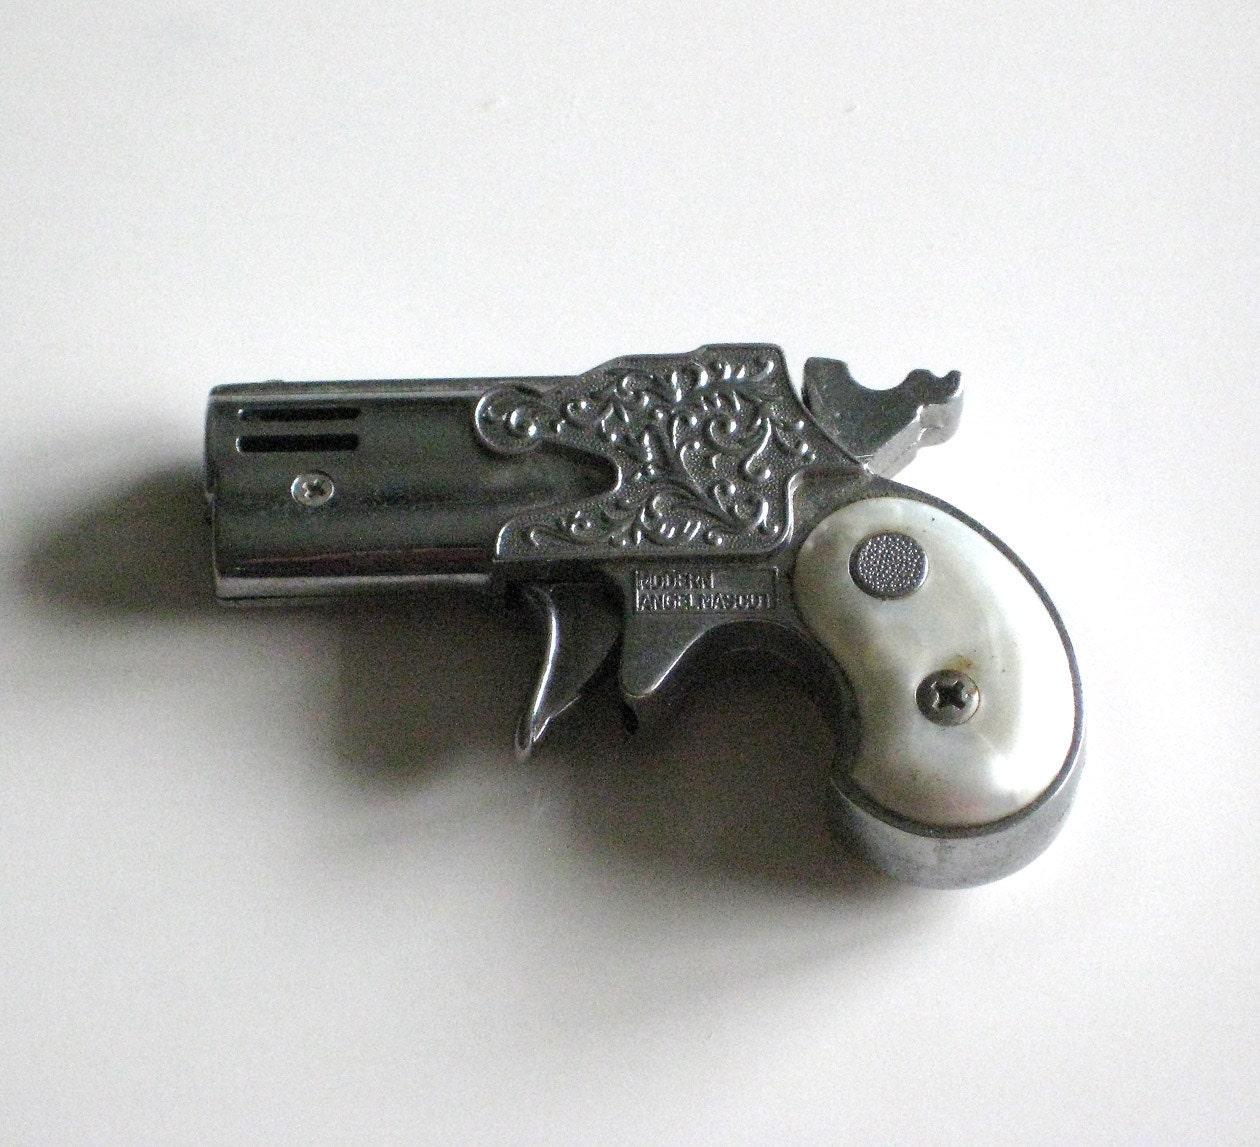 Vintage Derringer Gun Butane Lighter